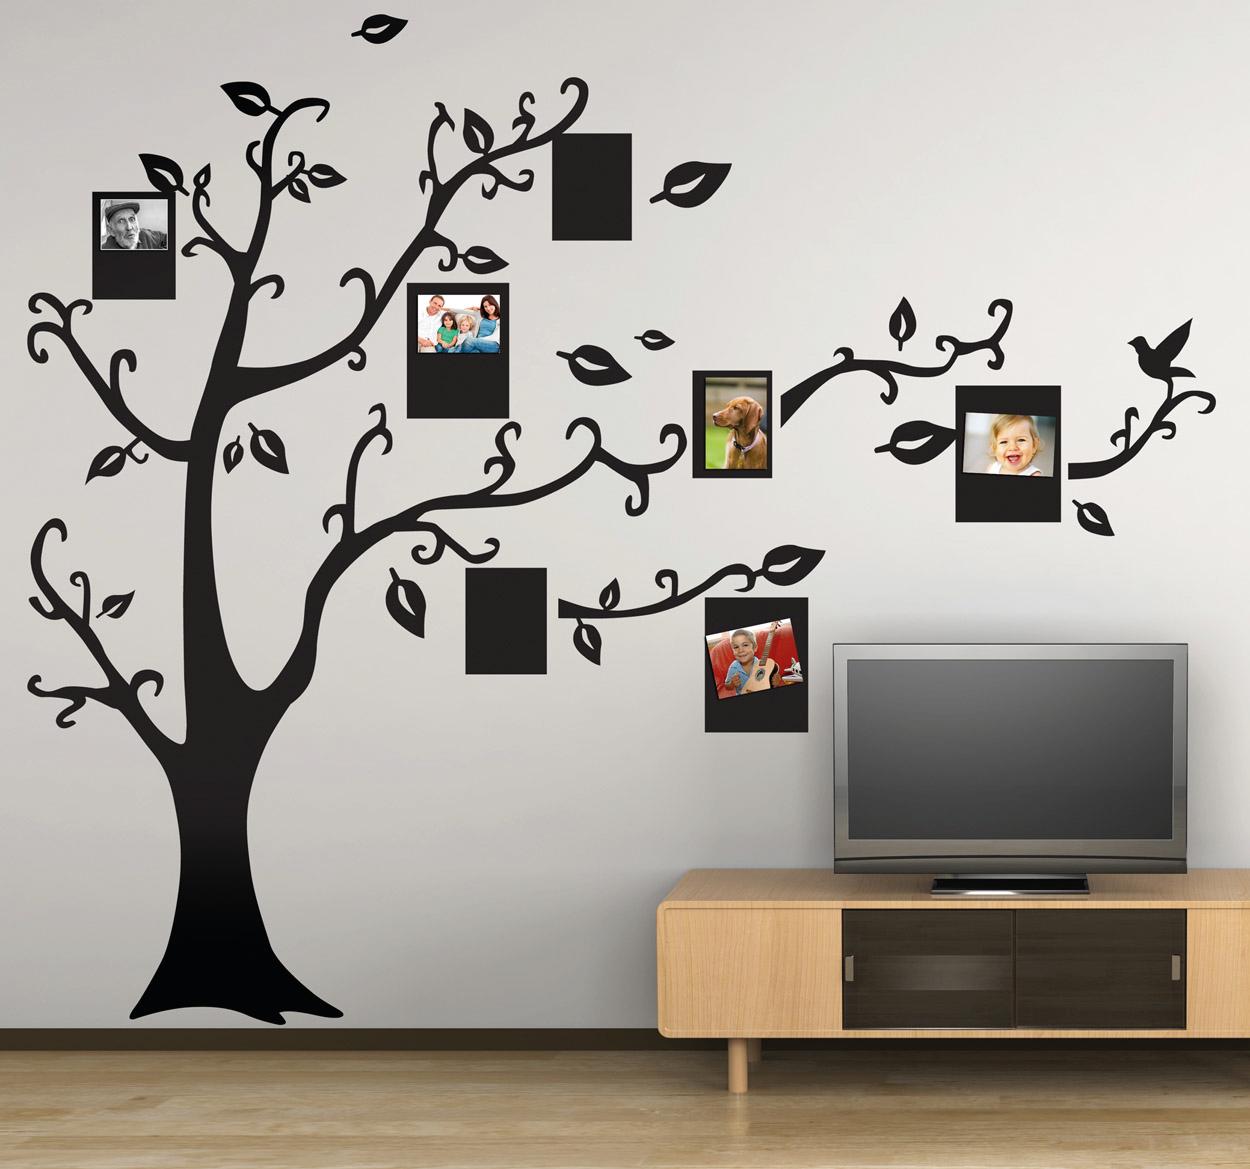 5 consejos para colocar tu rbol de vinilo en la pared - Vinilo para pared ...